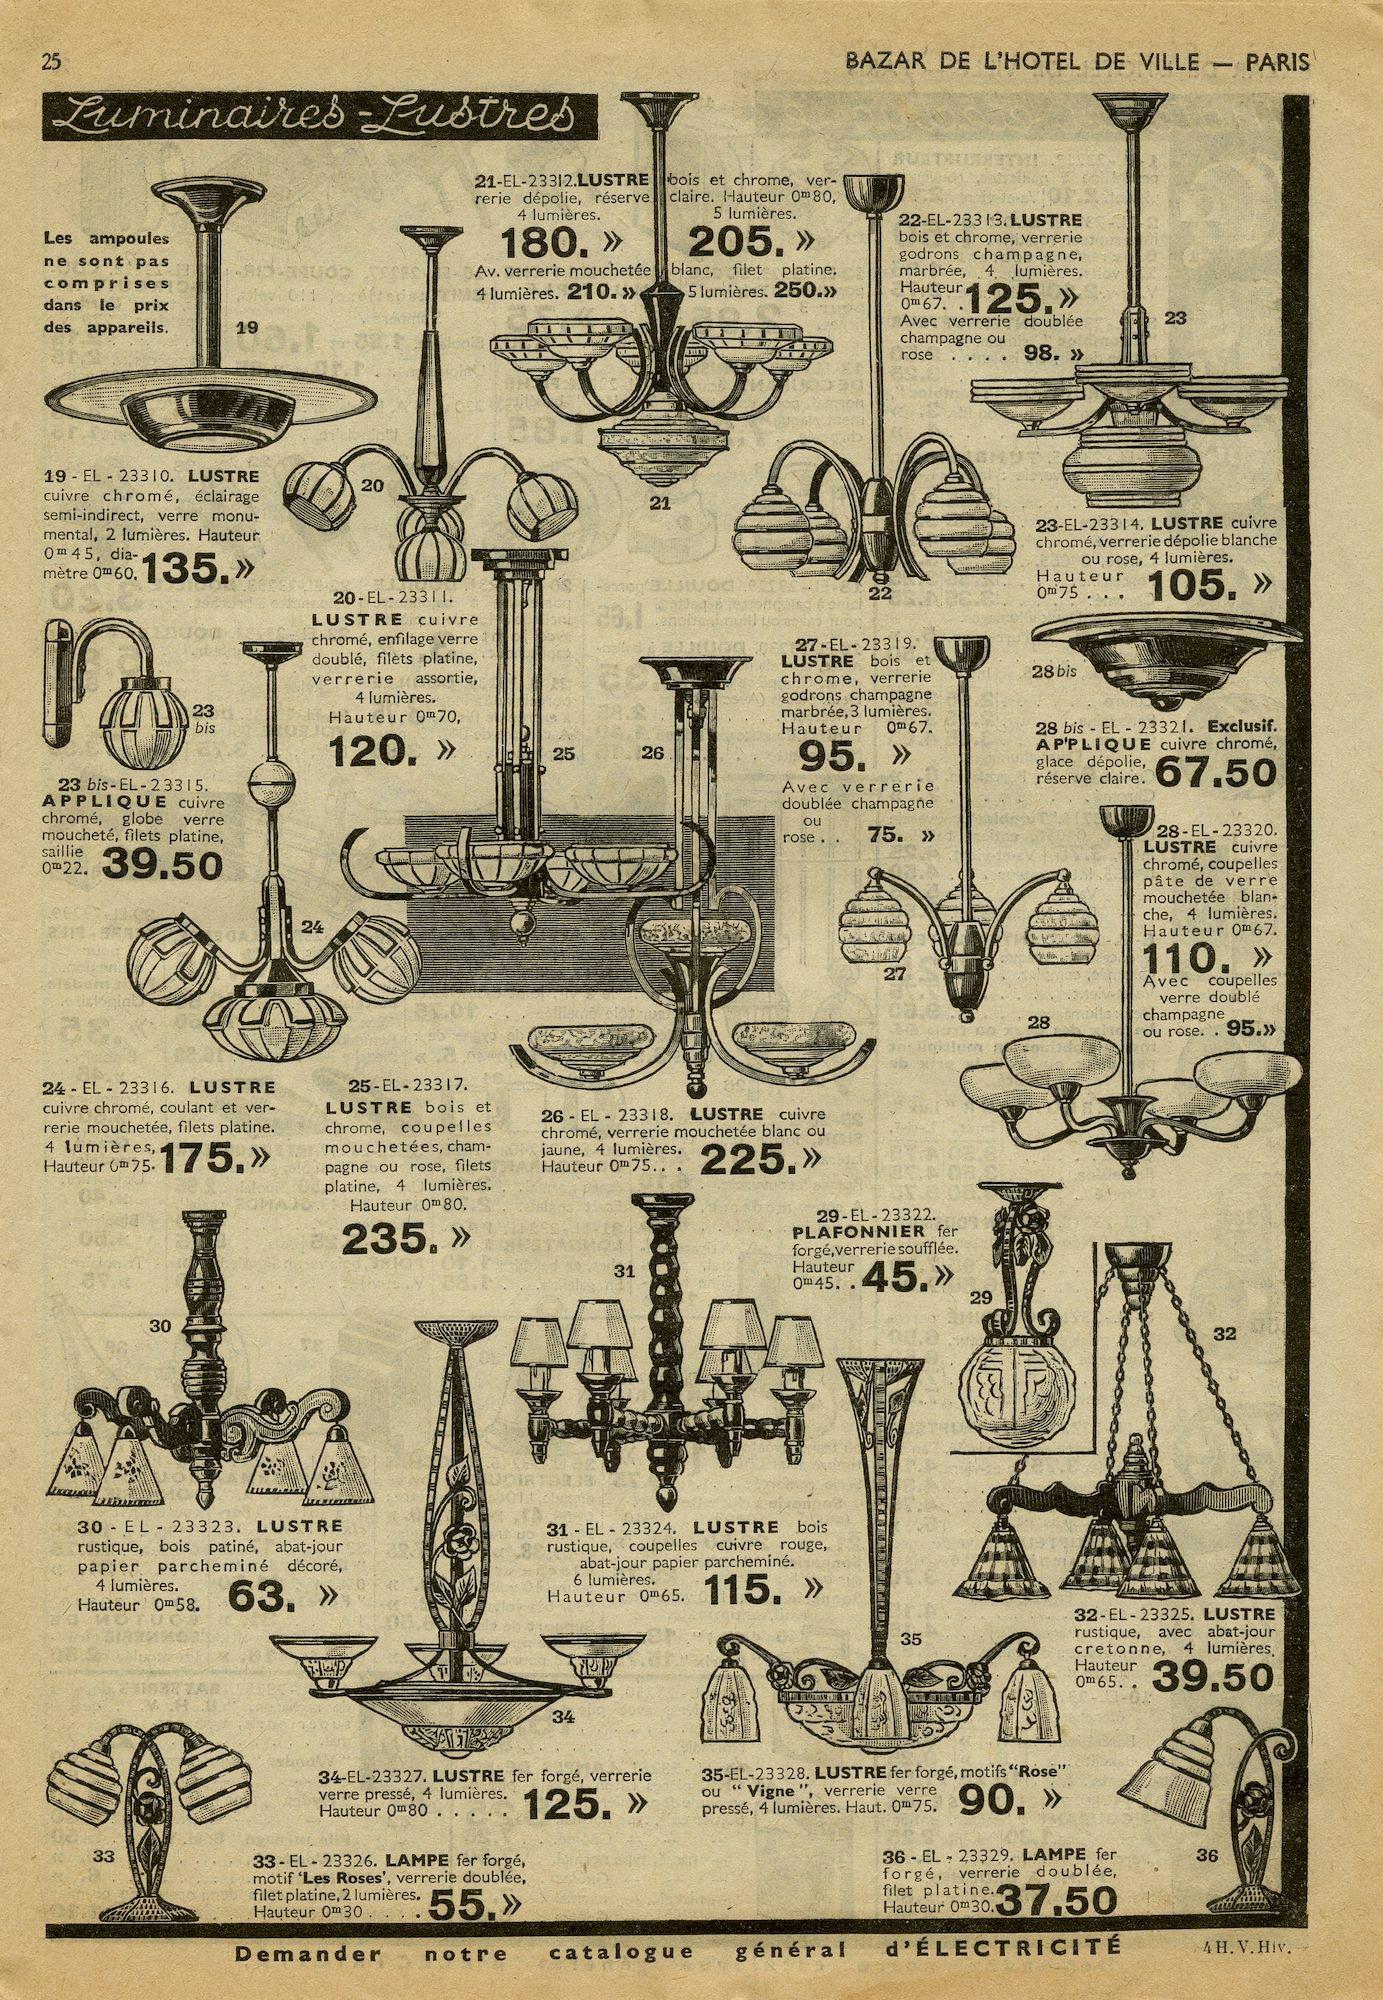 Verkoopscatalogus, met luchters, wandlampen en andere verlichtingsarmaturen